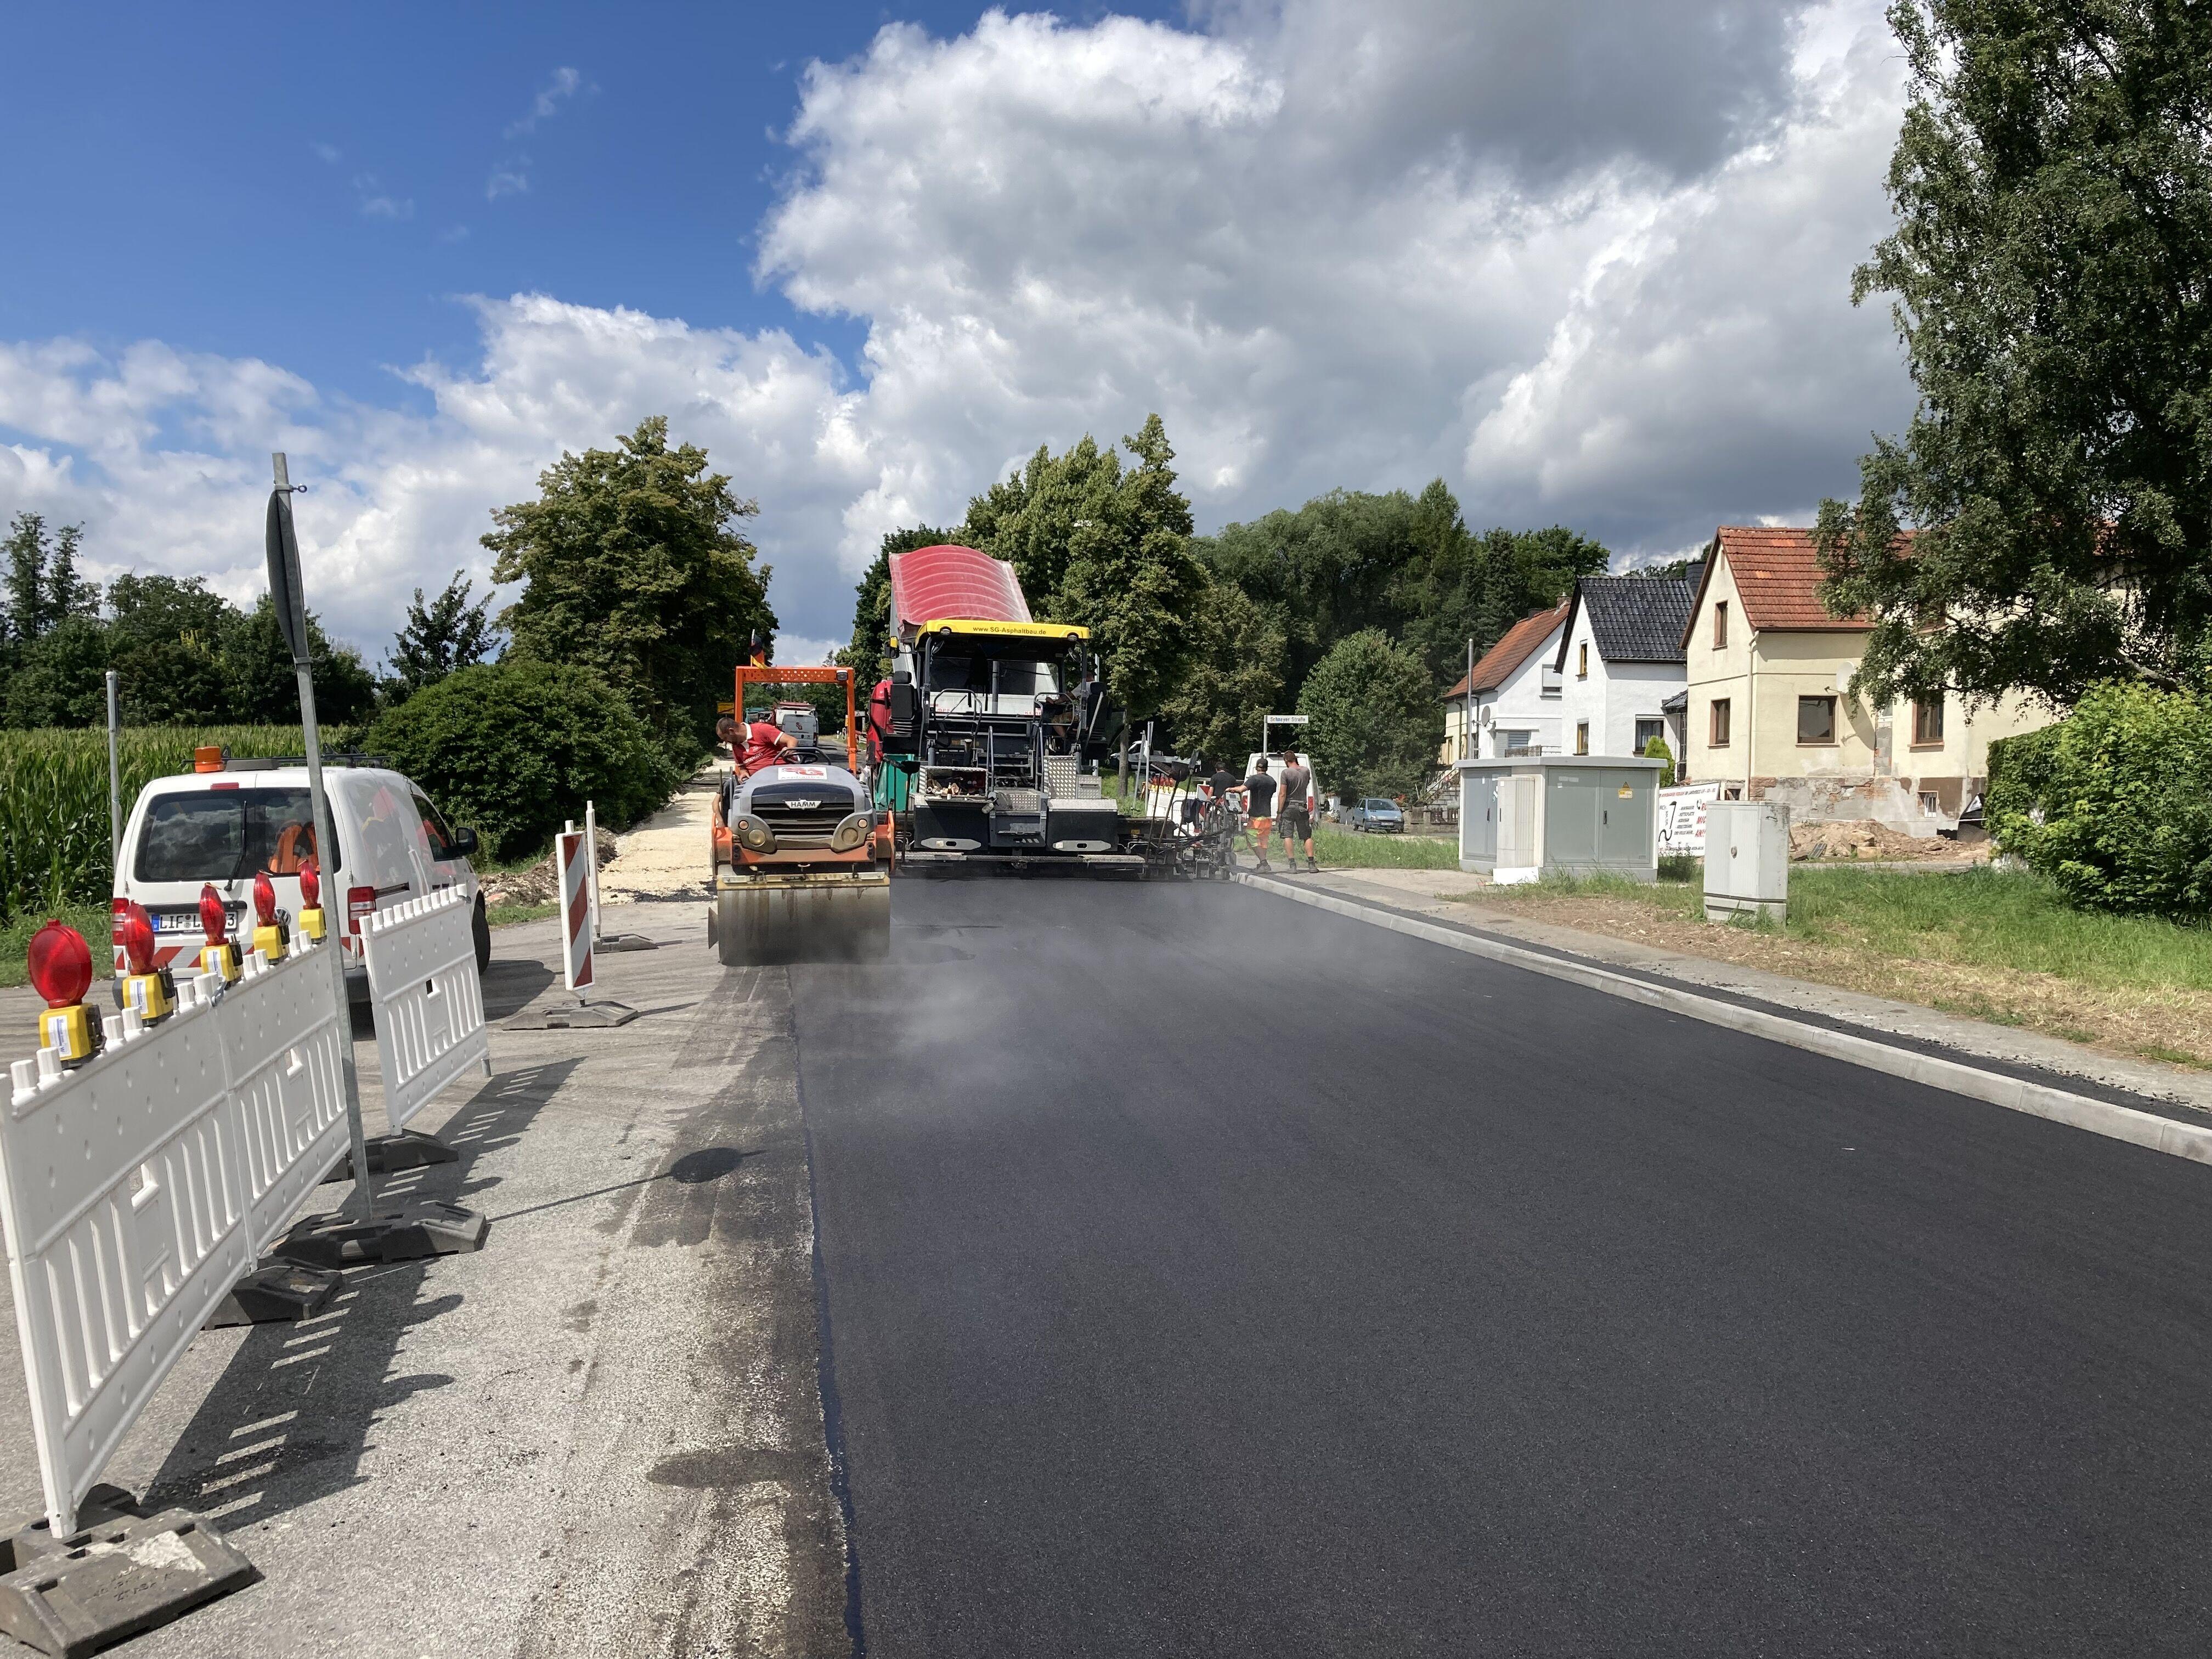 Der 1. Bauabschnitt der Deckensanierung der Kreisstraße LIF2 in der Ortsdurchfahrt Schney ist am 30. Juli 2021 fertiggestellt worden. Fotos: Kreisbauh